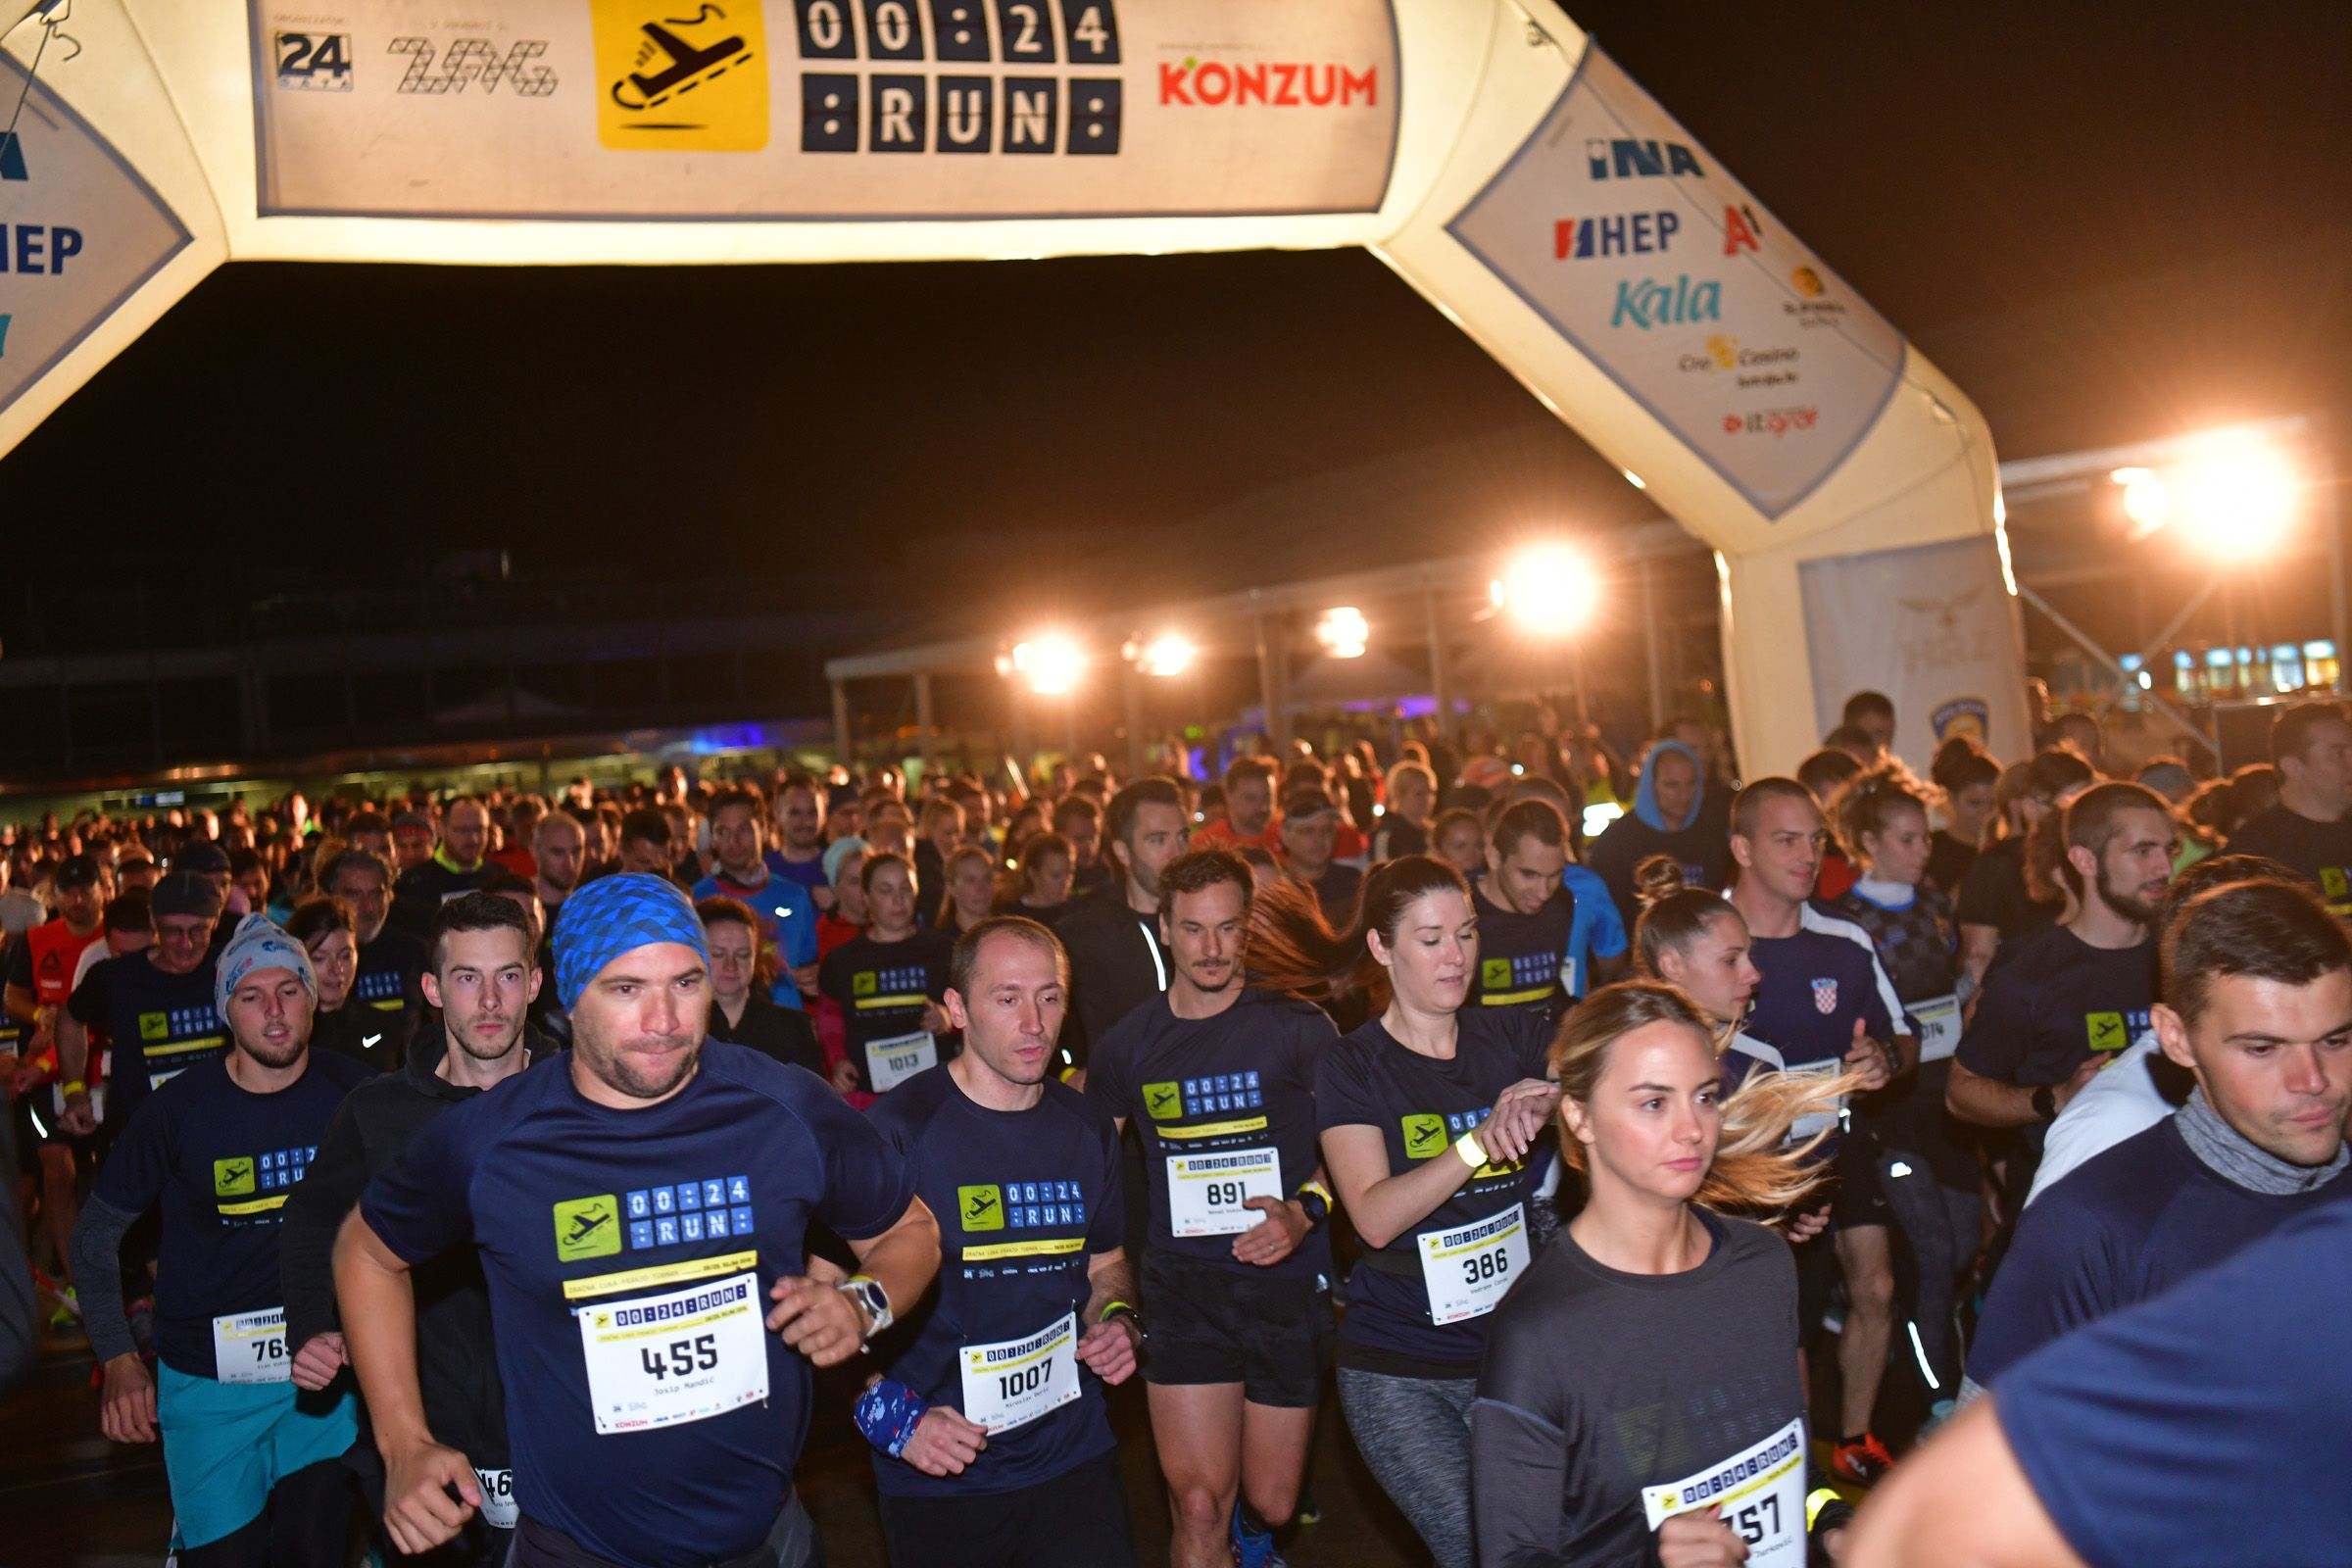 Na utrci 00:24 RUN skupljeno 150 tisuća kuna za odjel onkologije zagrebačkog Rebra